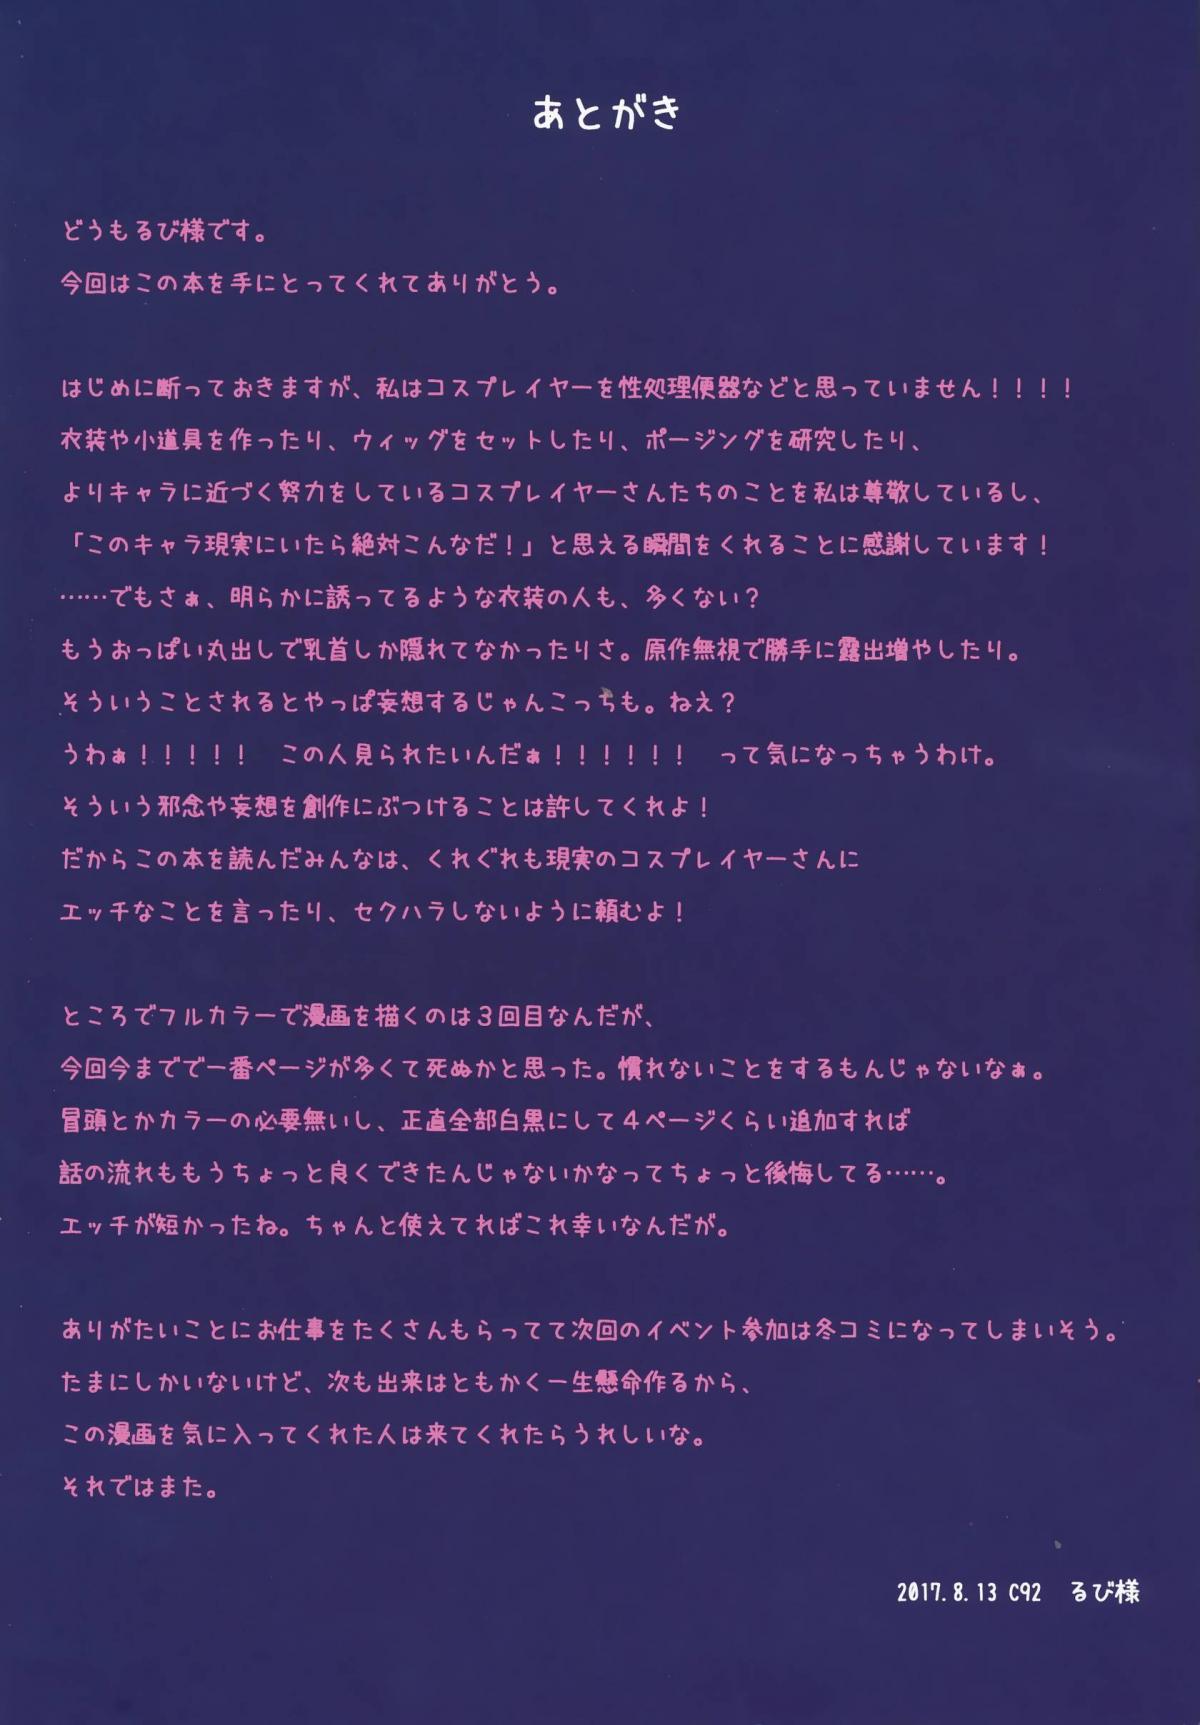 HentaiVN.net - Ảnh 21 - Ochibure Charisma Cosplayer! - Oneshot